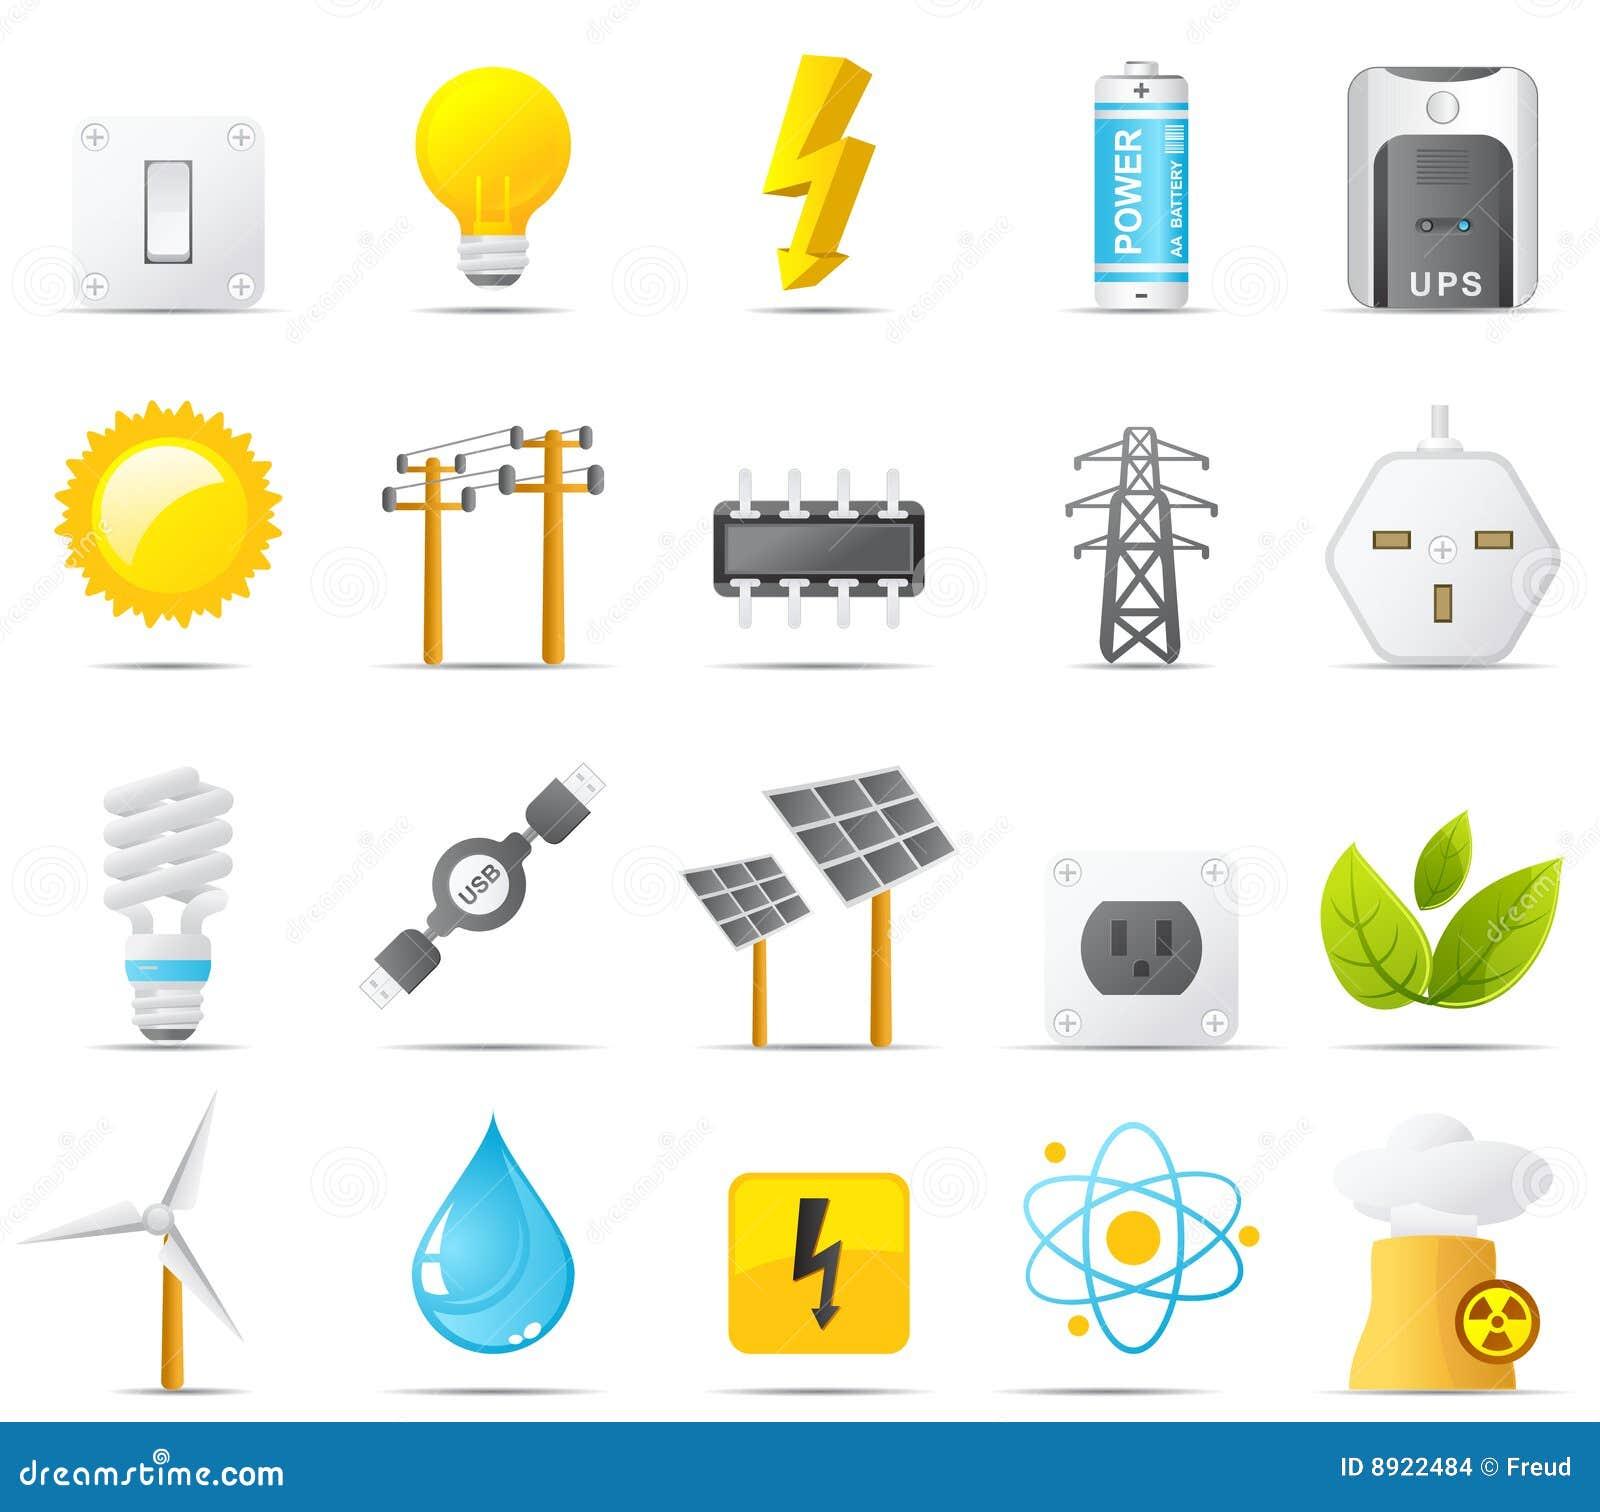 σύνολο ισχύος ενεργειακών εικονιδίων ηλεκτρικής ενέργειας nouve